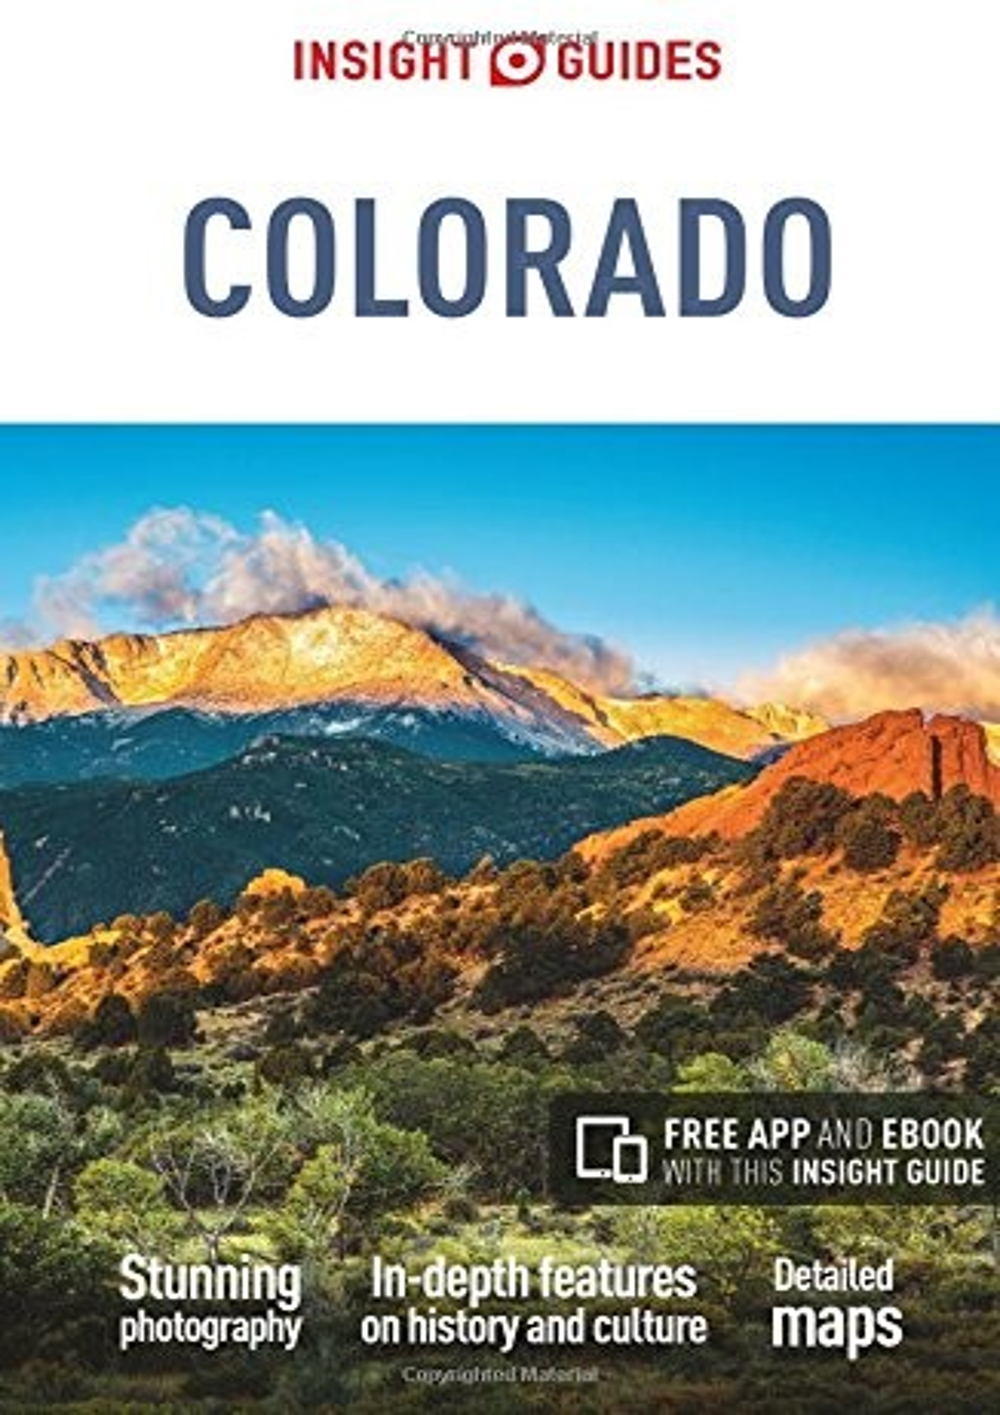 Colorado Insight Guide